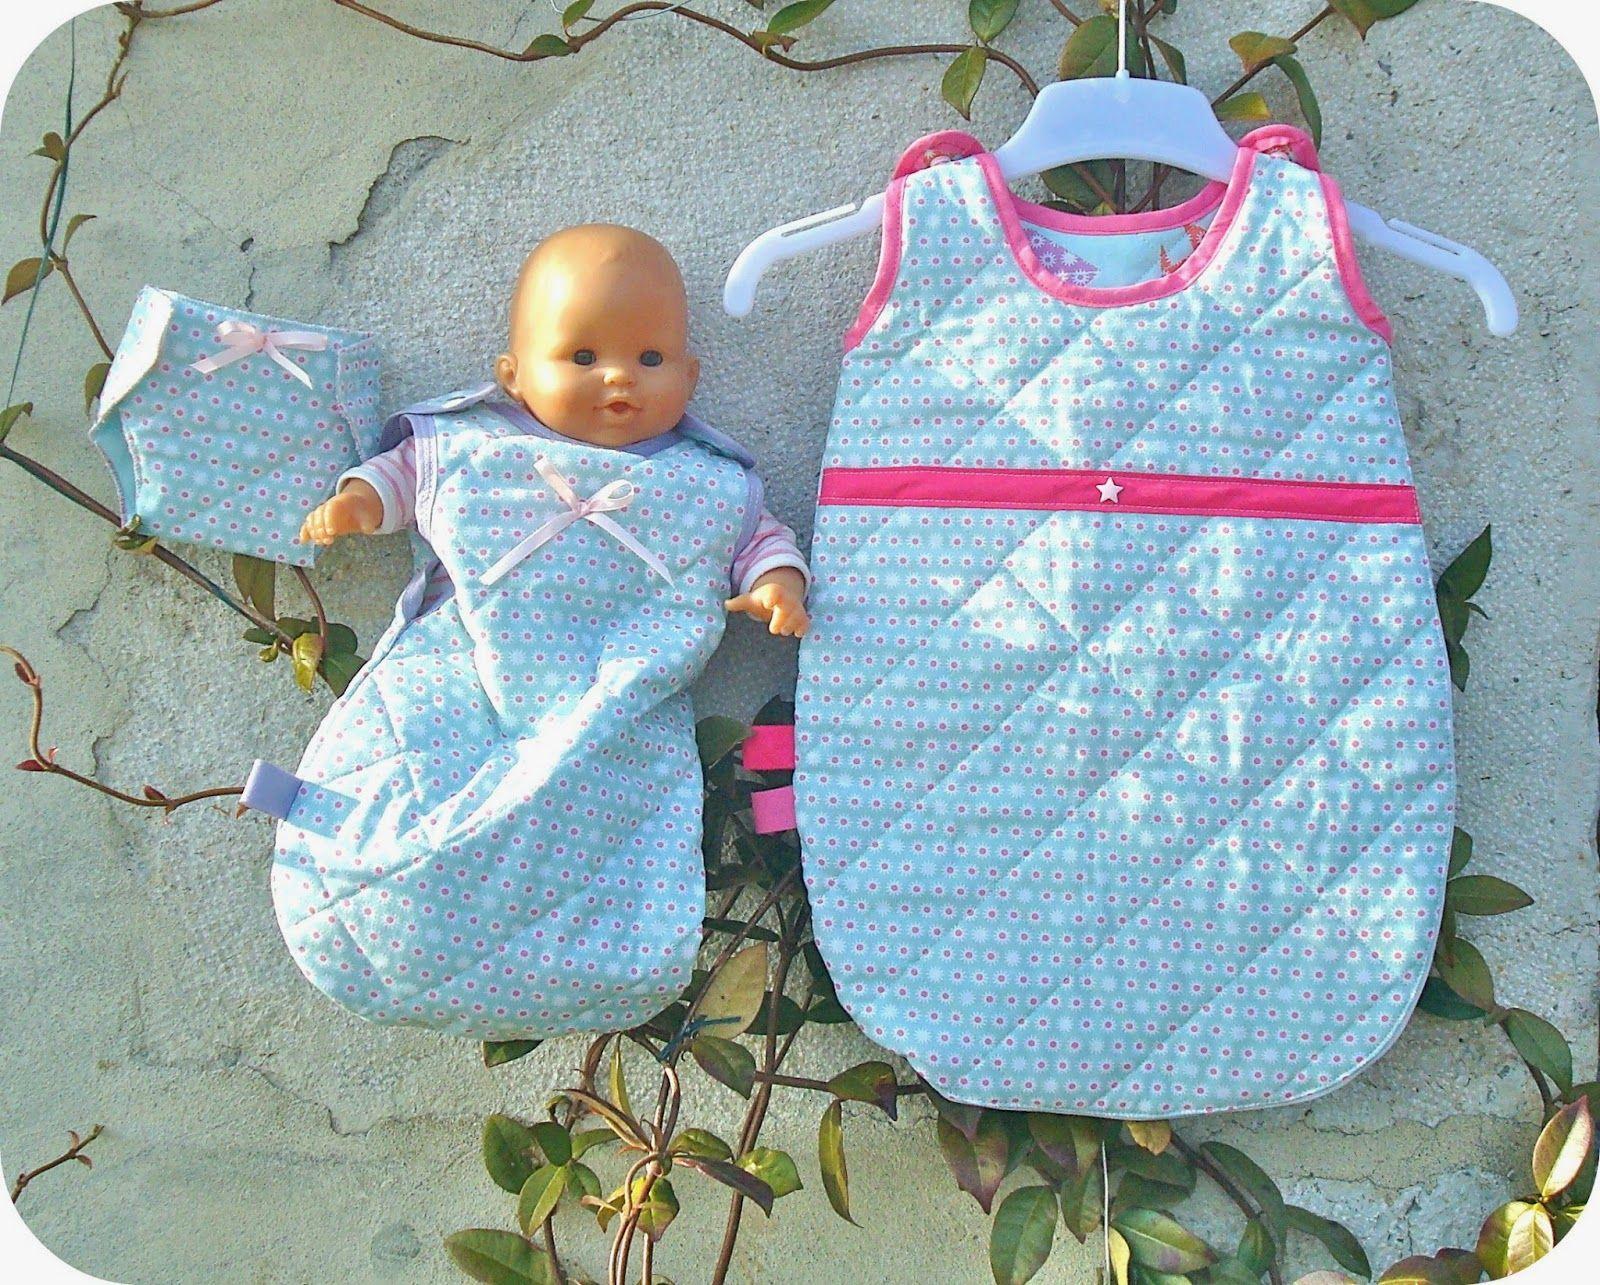 Ensemble b b poup e en tissu matelass patron de la couche culotte t l charger gratuitement - Tissu matelasse pour bebe ...